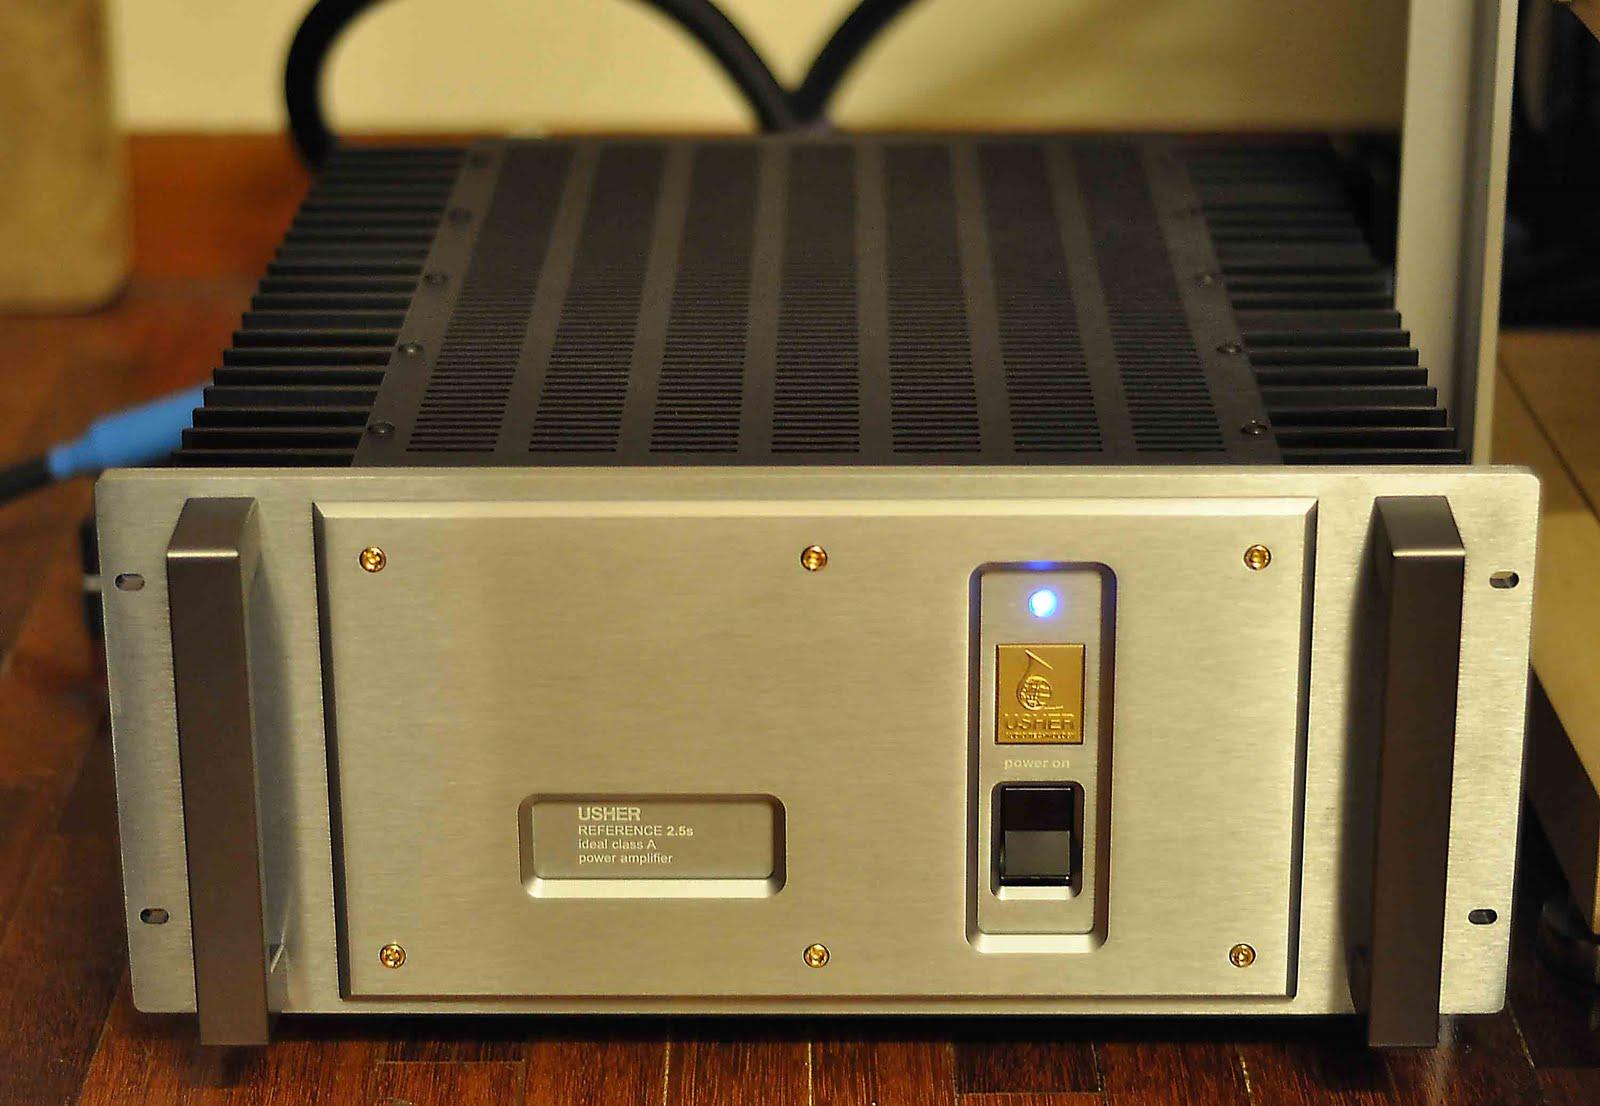 Diy Amplifier Power Cord